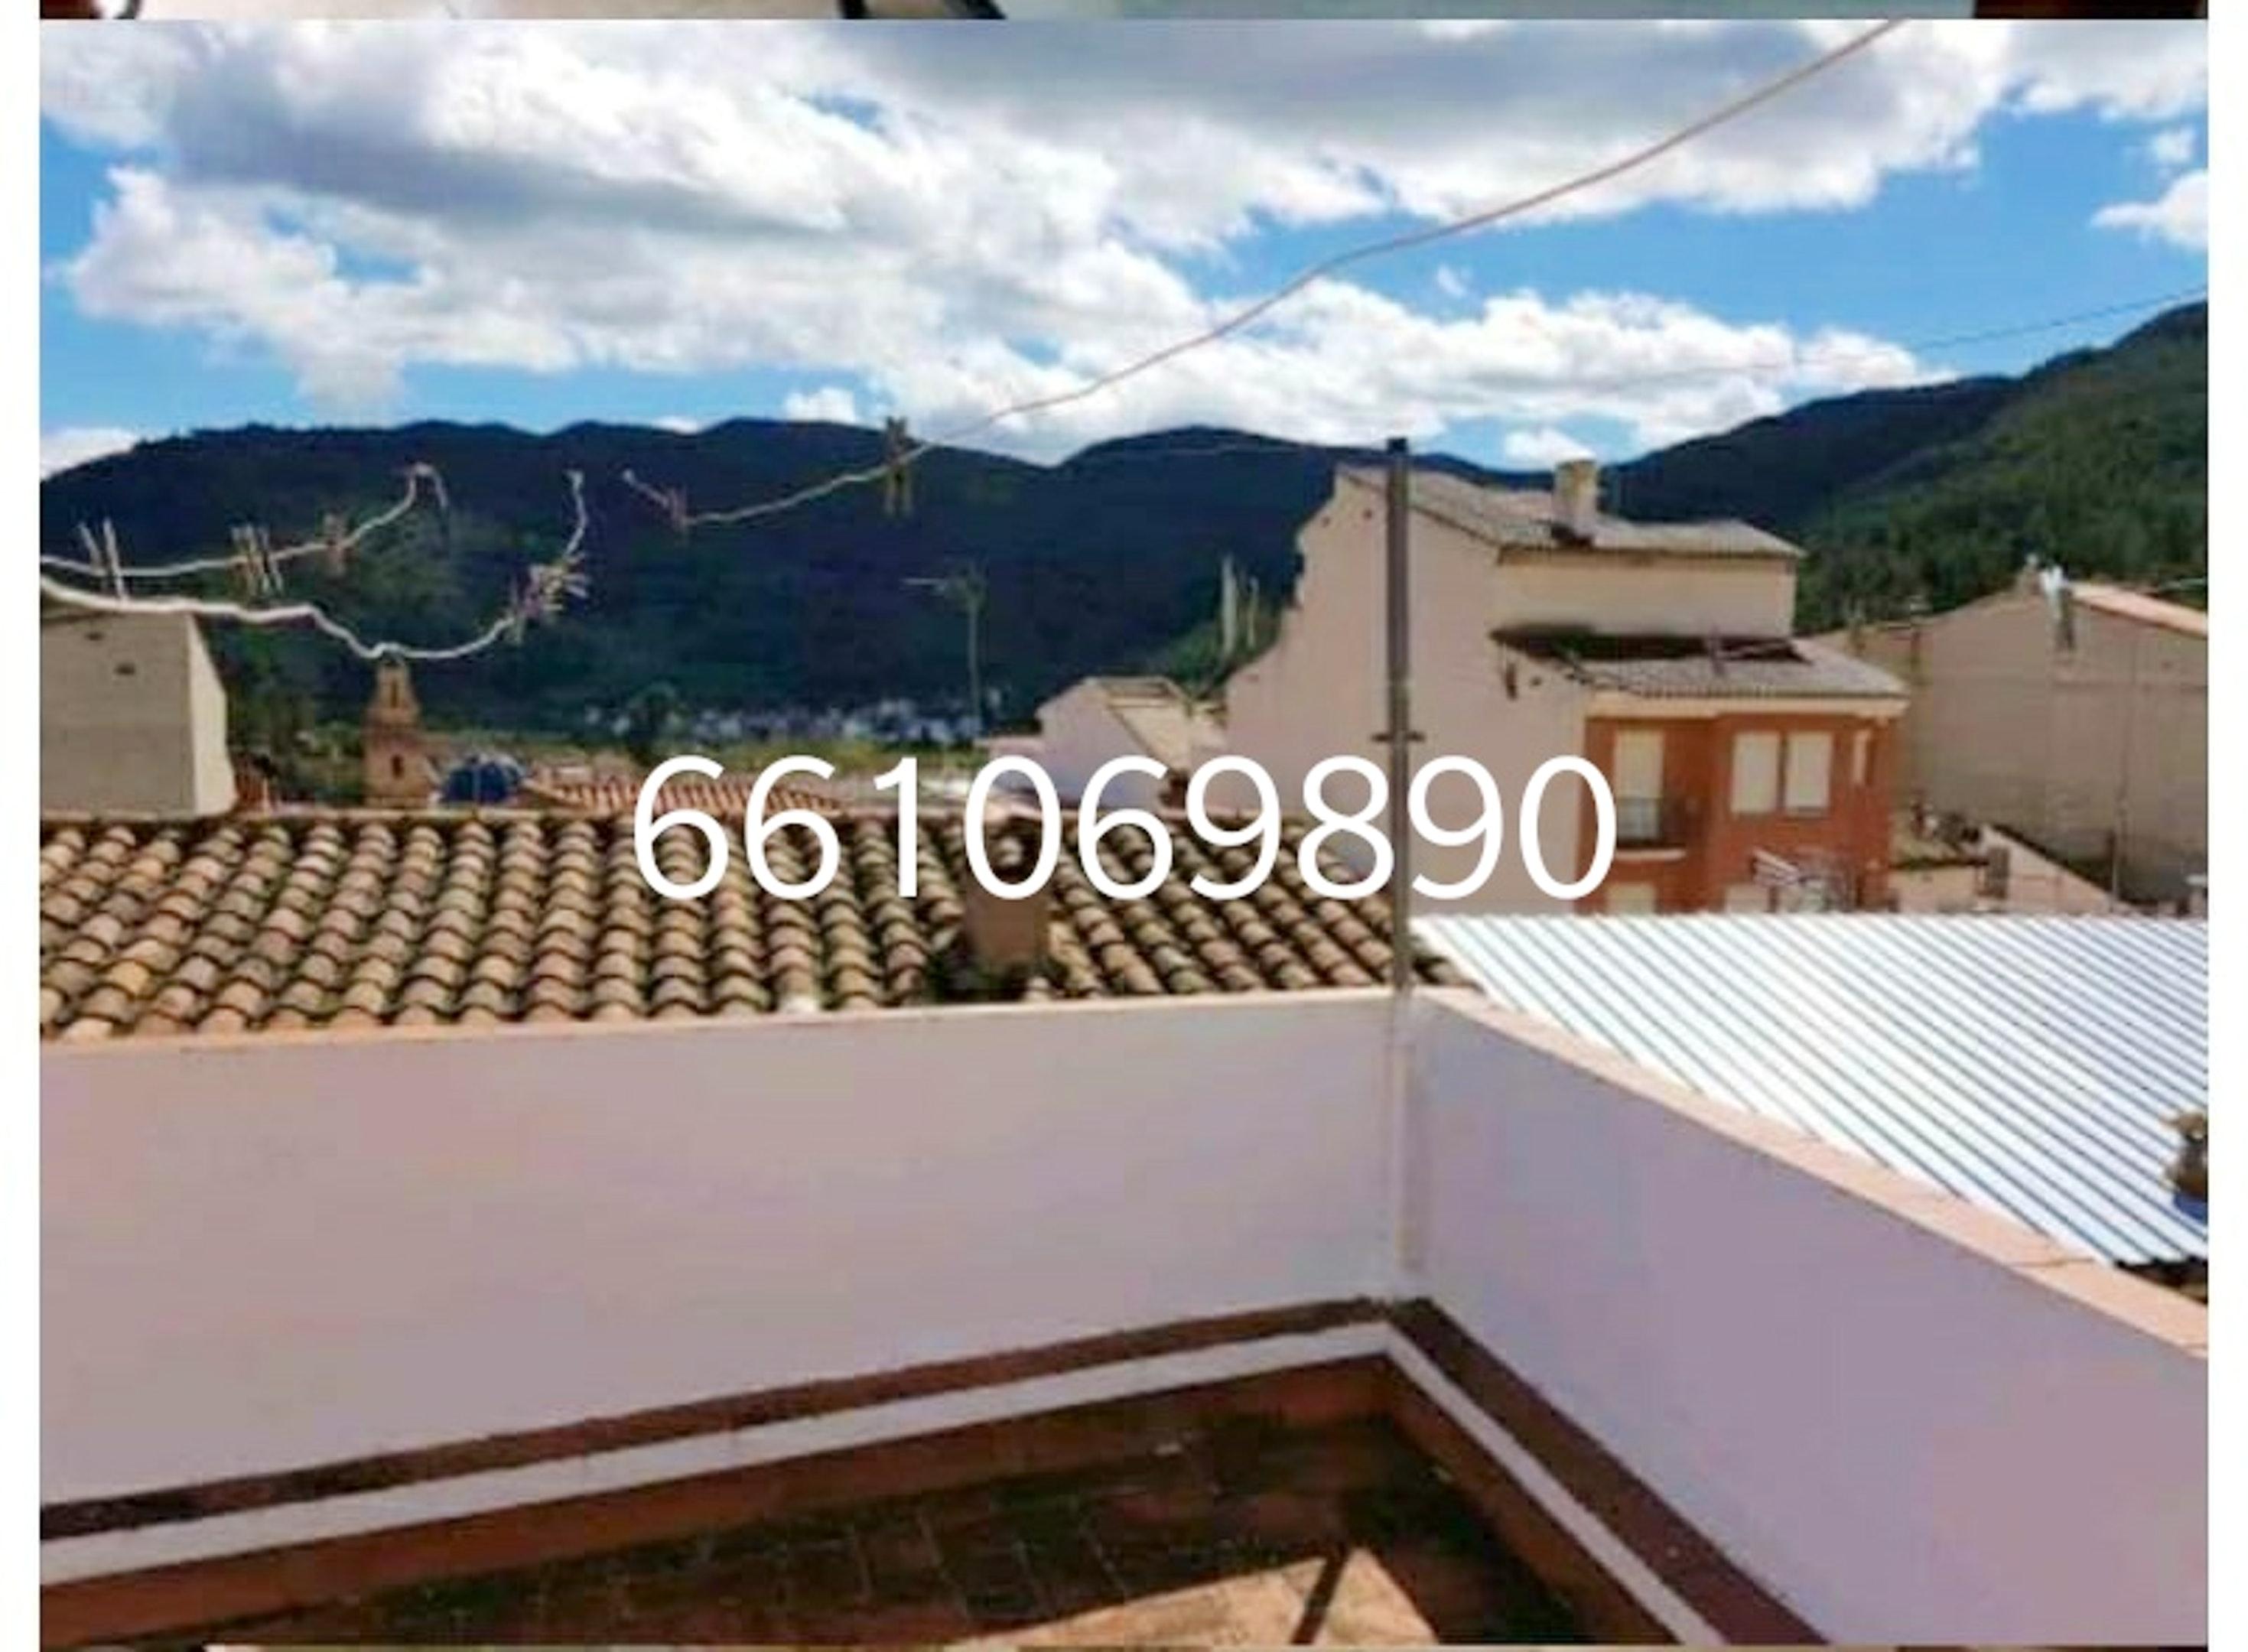 Ferienhaus Haus mit 3 Schlafzimmern in Montanejos mit toller Aussicht auf die Berge, Terrasse und W-L (2751376), Montanejos, Provinz Castellón, Valencia, Spanien, Bild 2